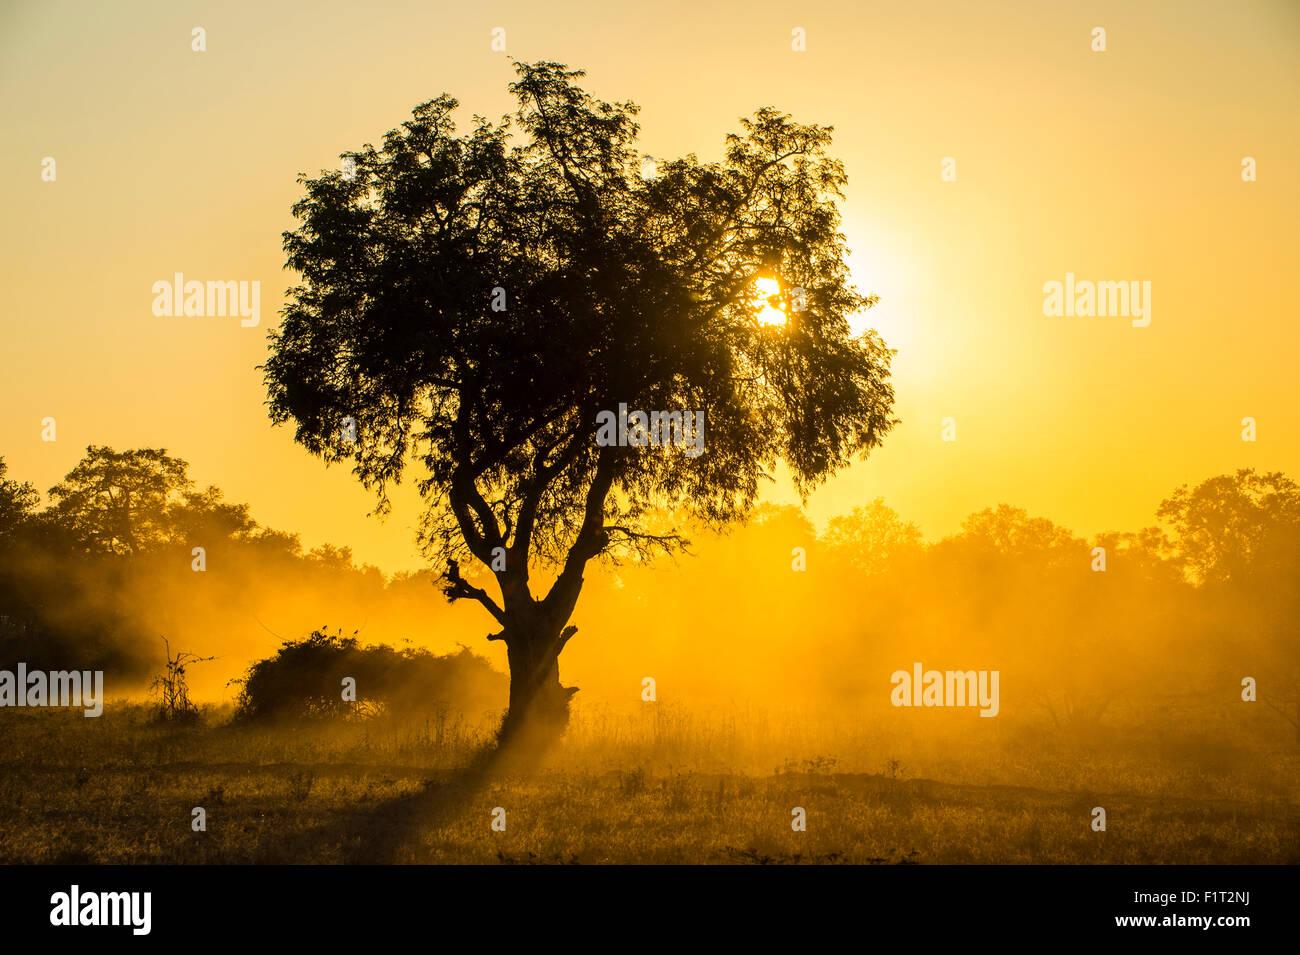 Dans la poussière au coucher du soleil, contre-jour South Luangwa National Park, Zambie, Afrique Photo Stock